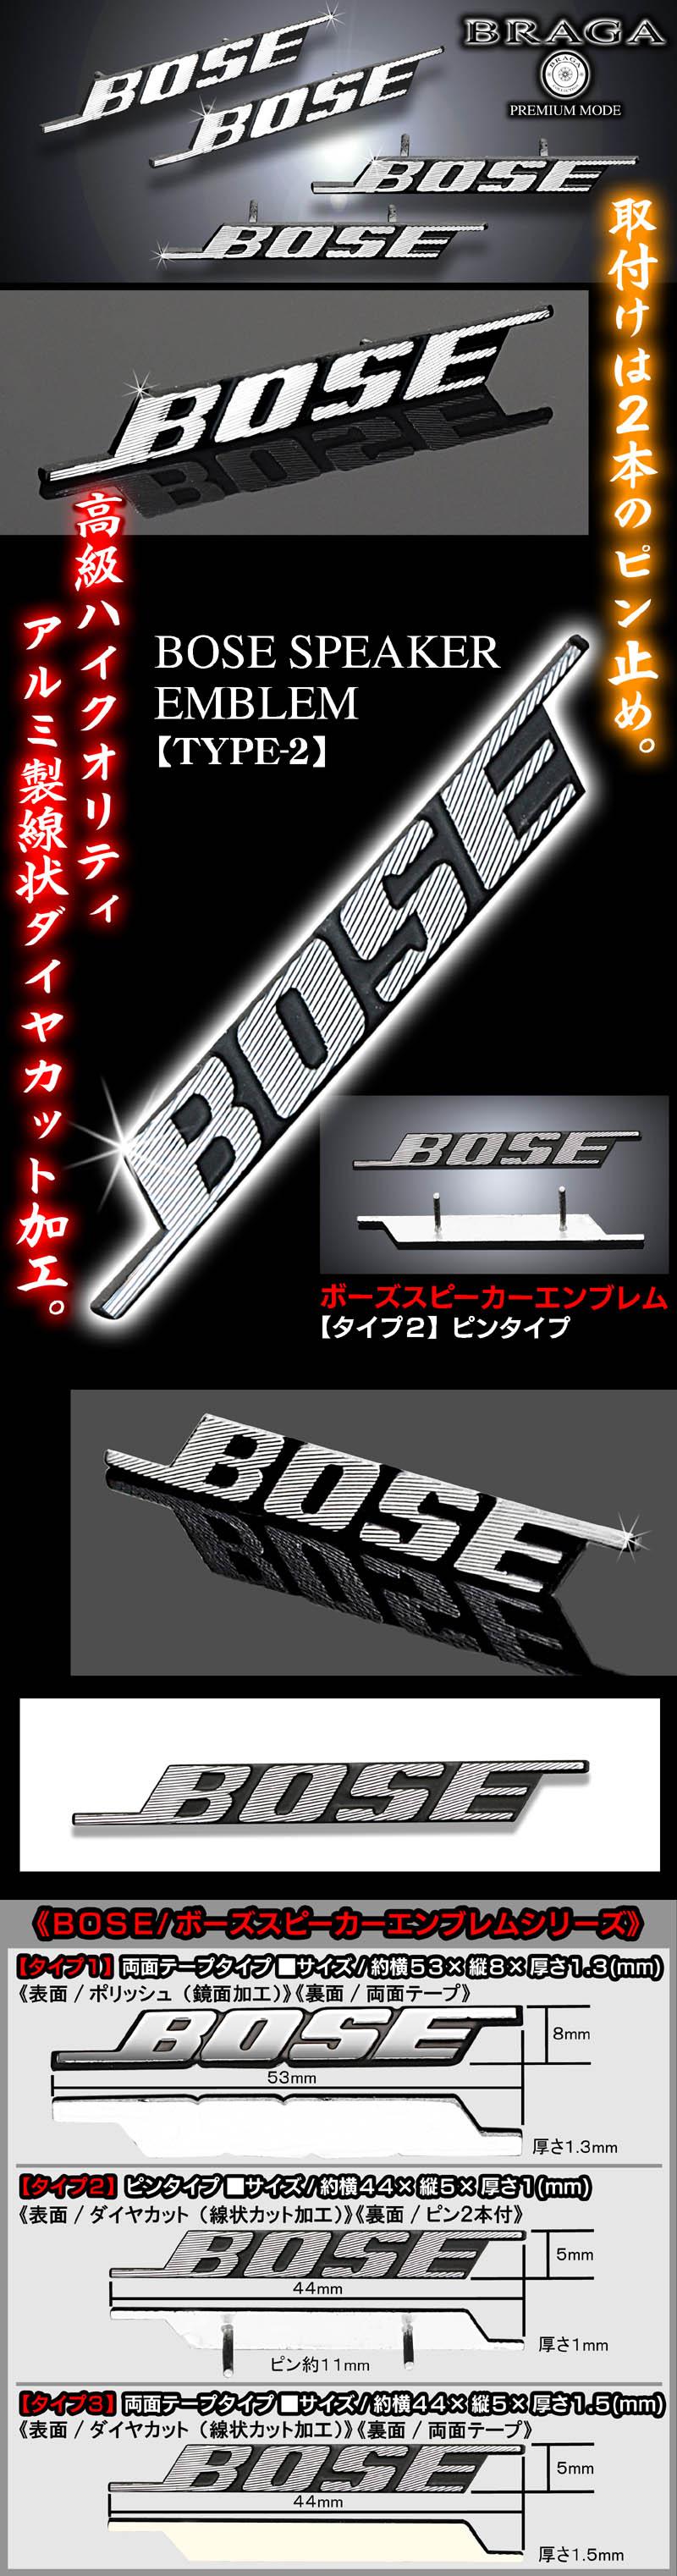 《BOSE》ボーズスピーカーエンブレム《タイプ2》4個セット/ピンタイプ・アルミ製線状ダイヤカット仕上